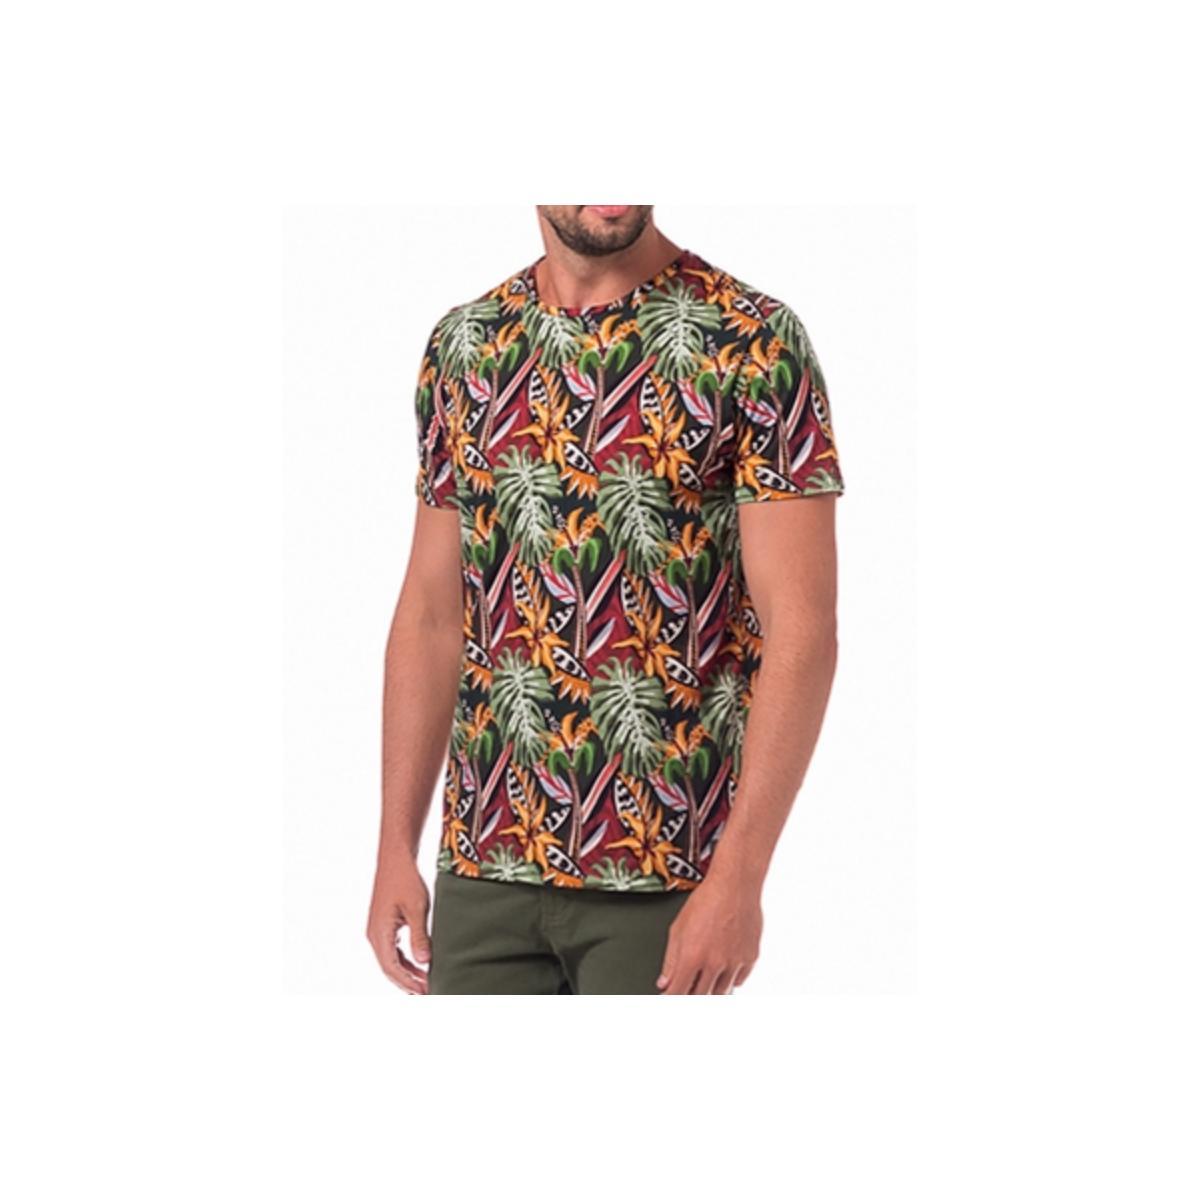 Camiseta Masculina Colcci 350109113 Vc27 Verde Estampada